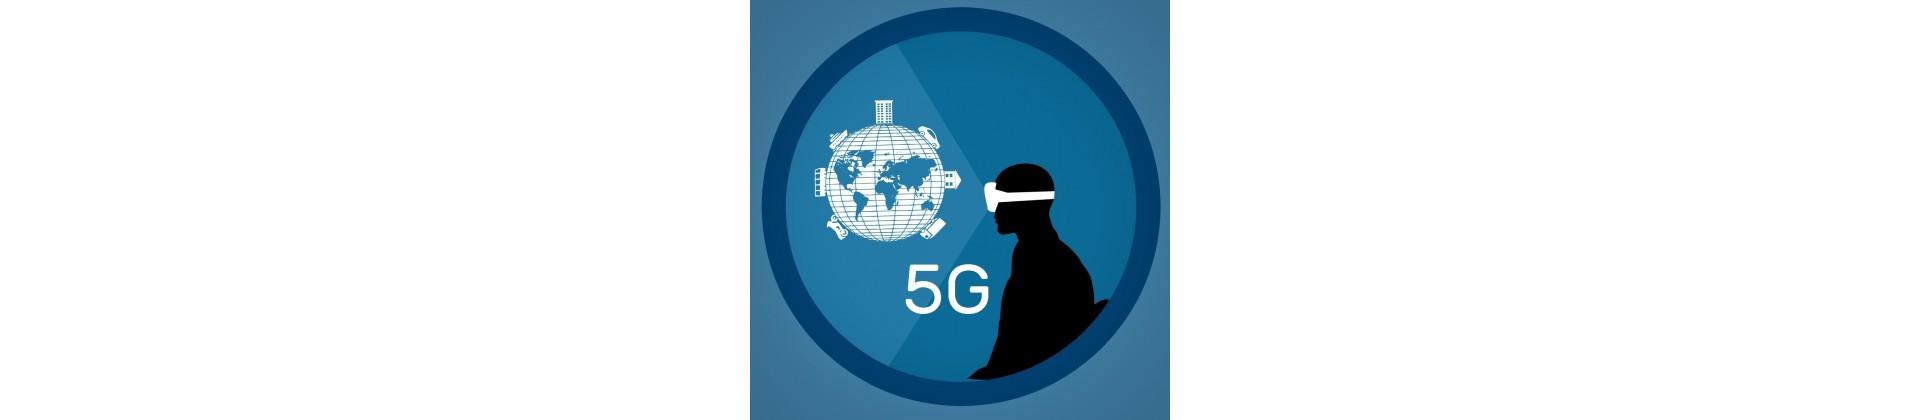 Routeur industriel 5G